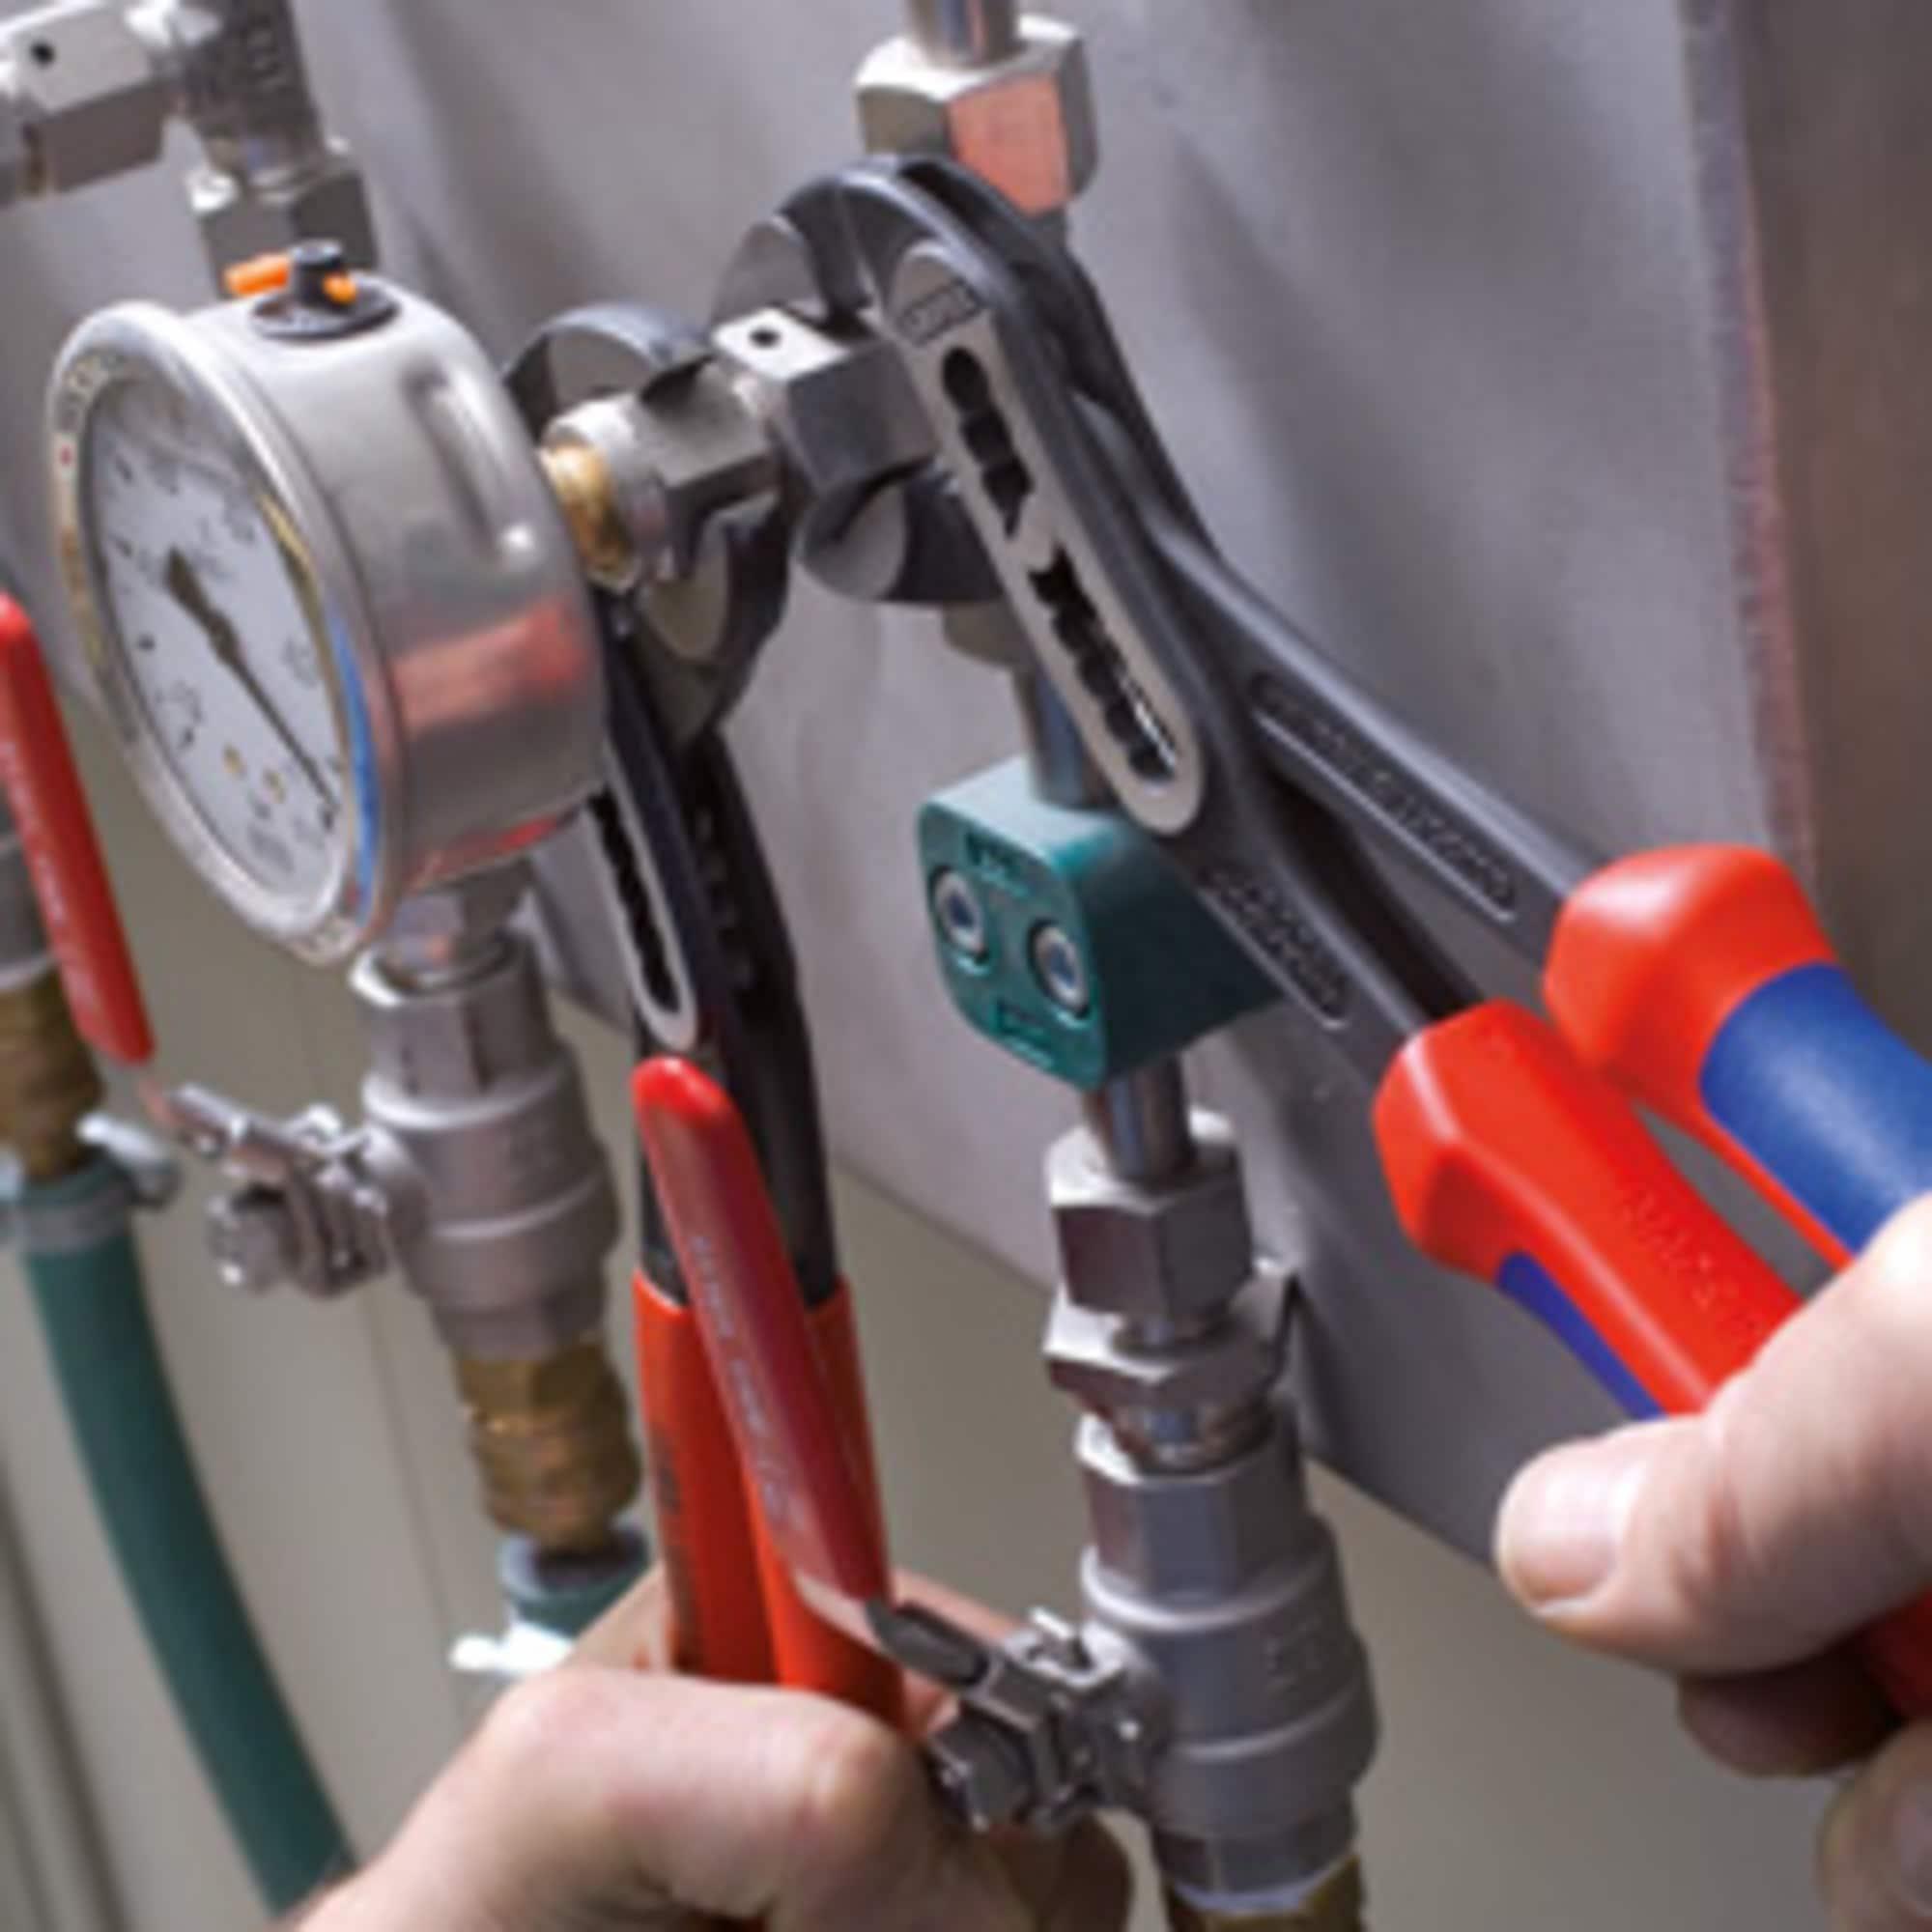 Knipex Rohr- / Wasserpumpen-Zange Alligator 88 02 250, 250mm